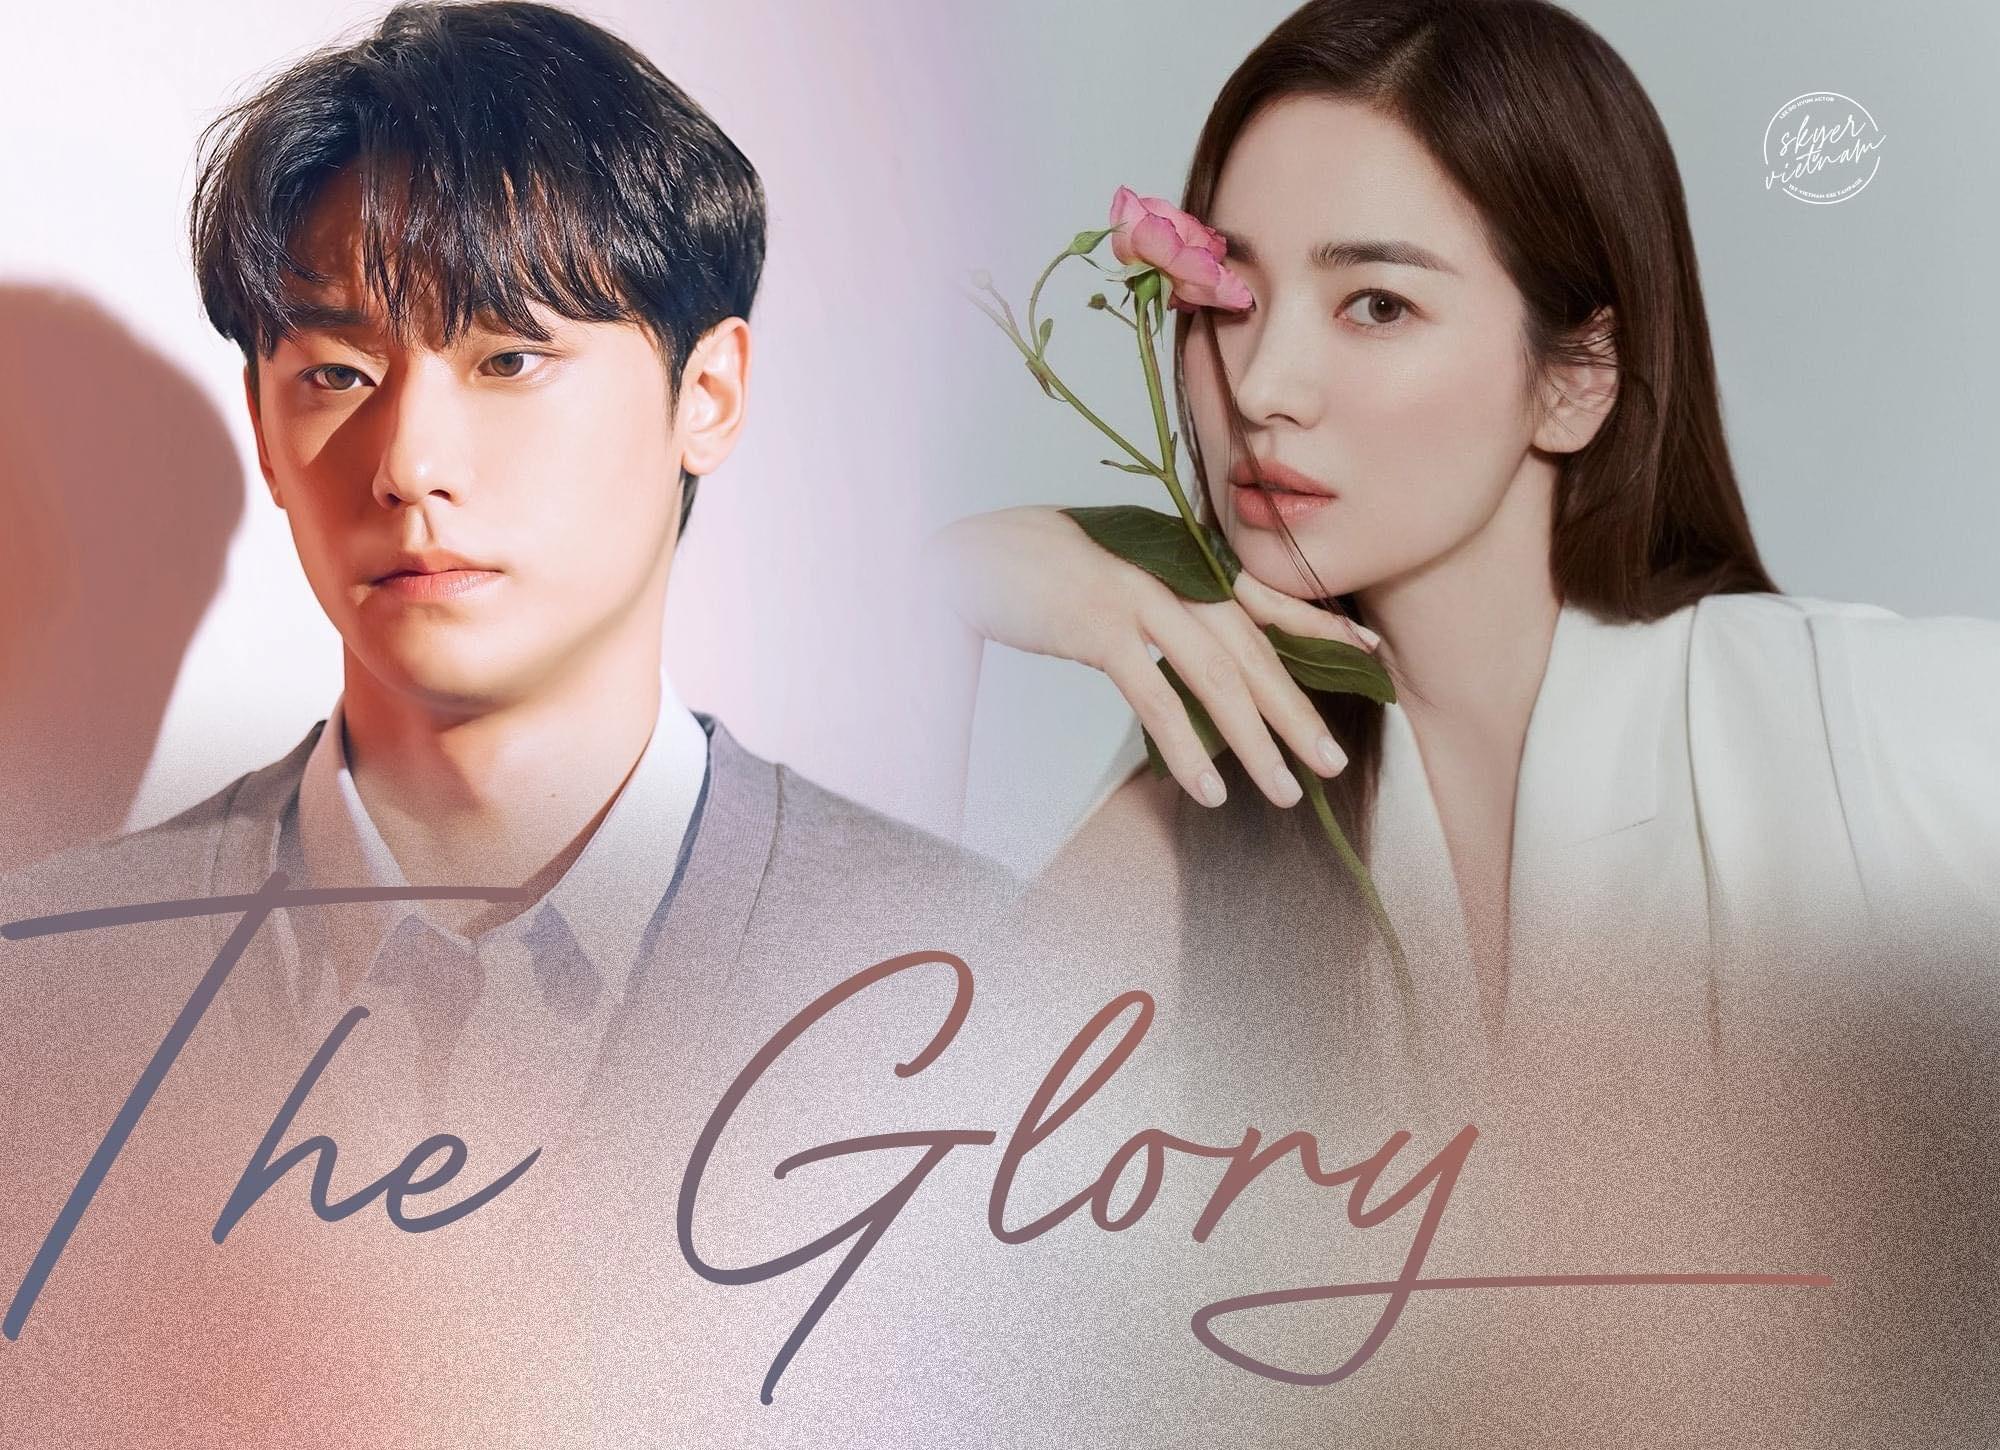 Song Hye Kyo bị ném đá tơi tả vì nhận phim với trai trẻ Lee Do Hyun: Chênh tuổi quá nhiều còn hay dính phốt? - Ảnh 1.